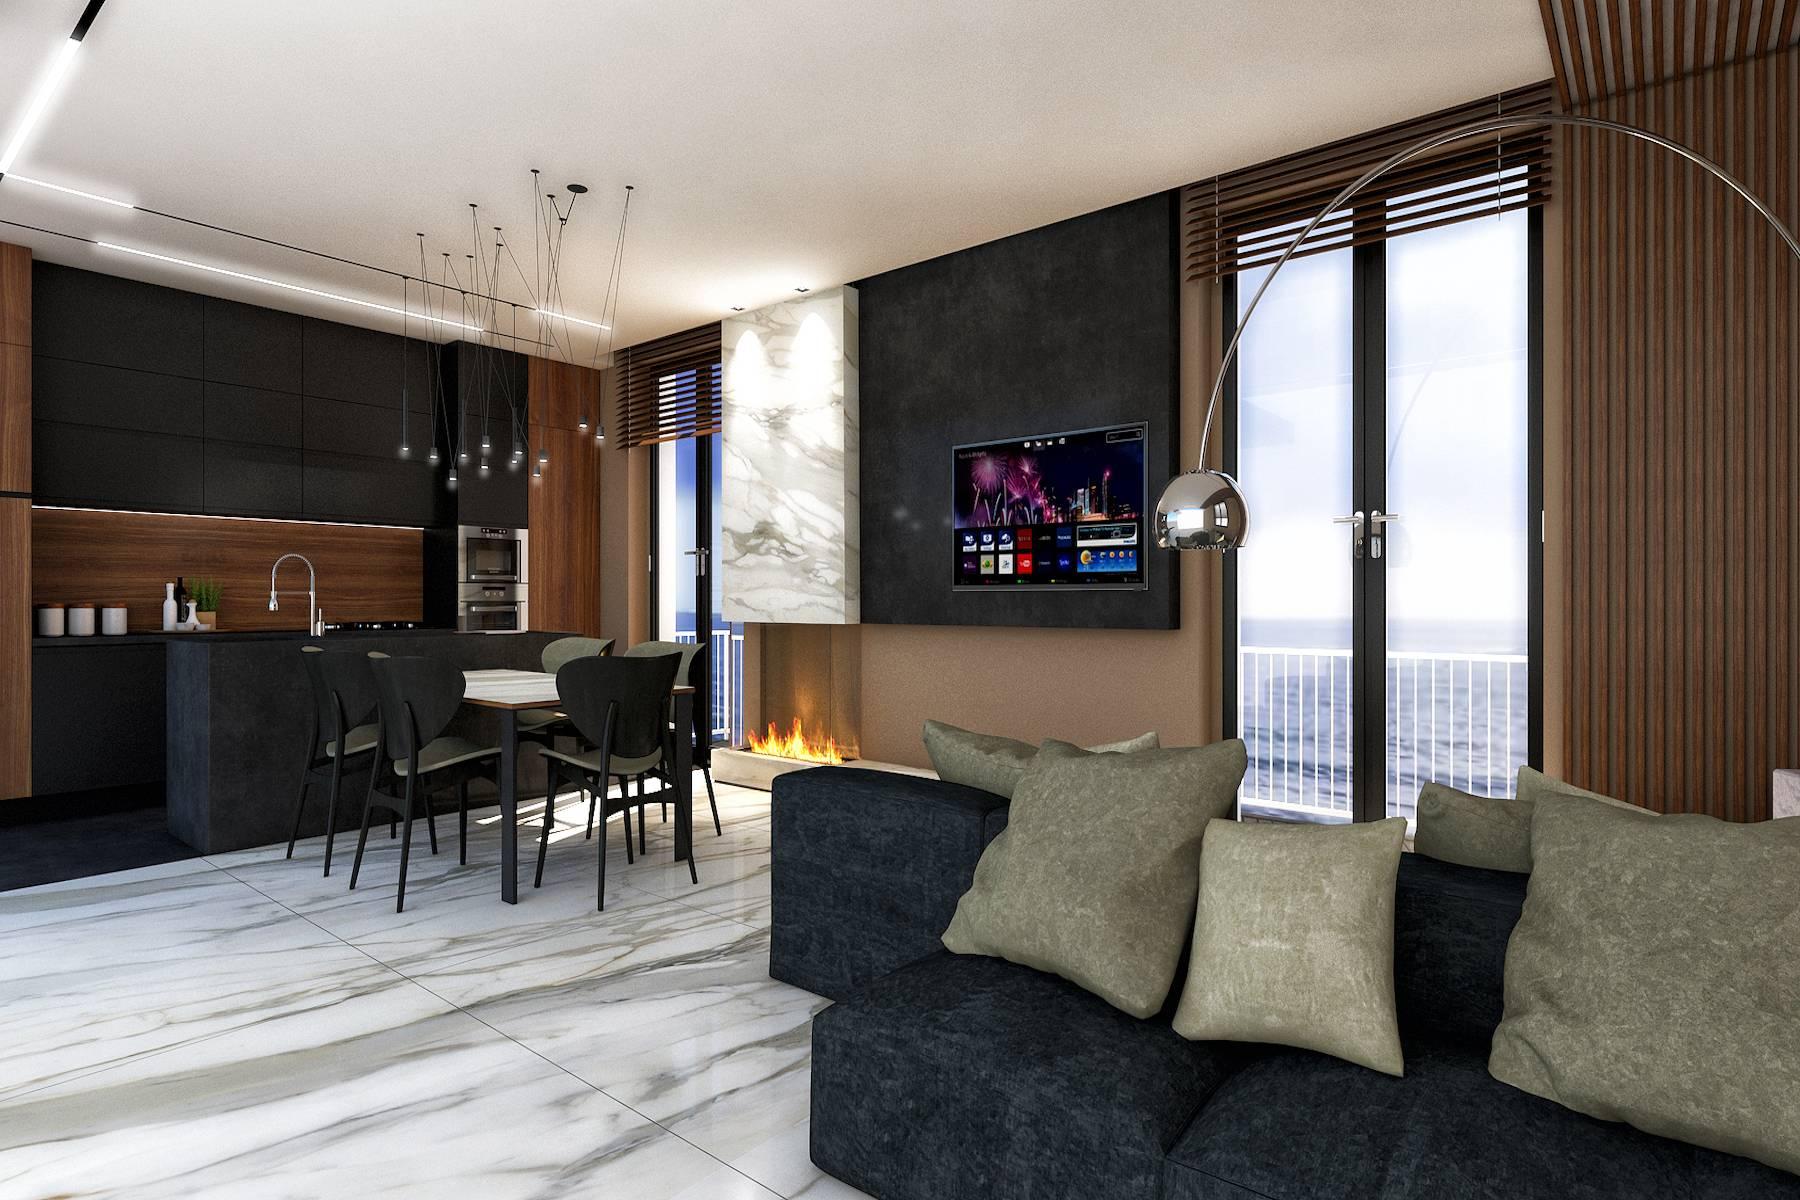 Appartamento in Vendita a Viareggio: 5 locali, 140 mq - Foto 1